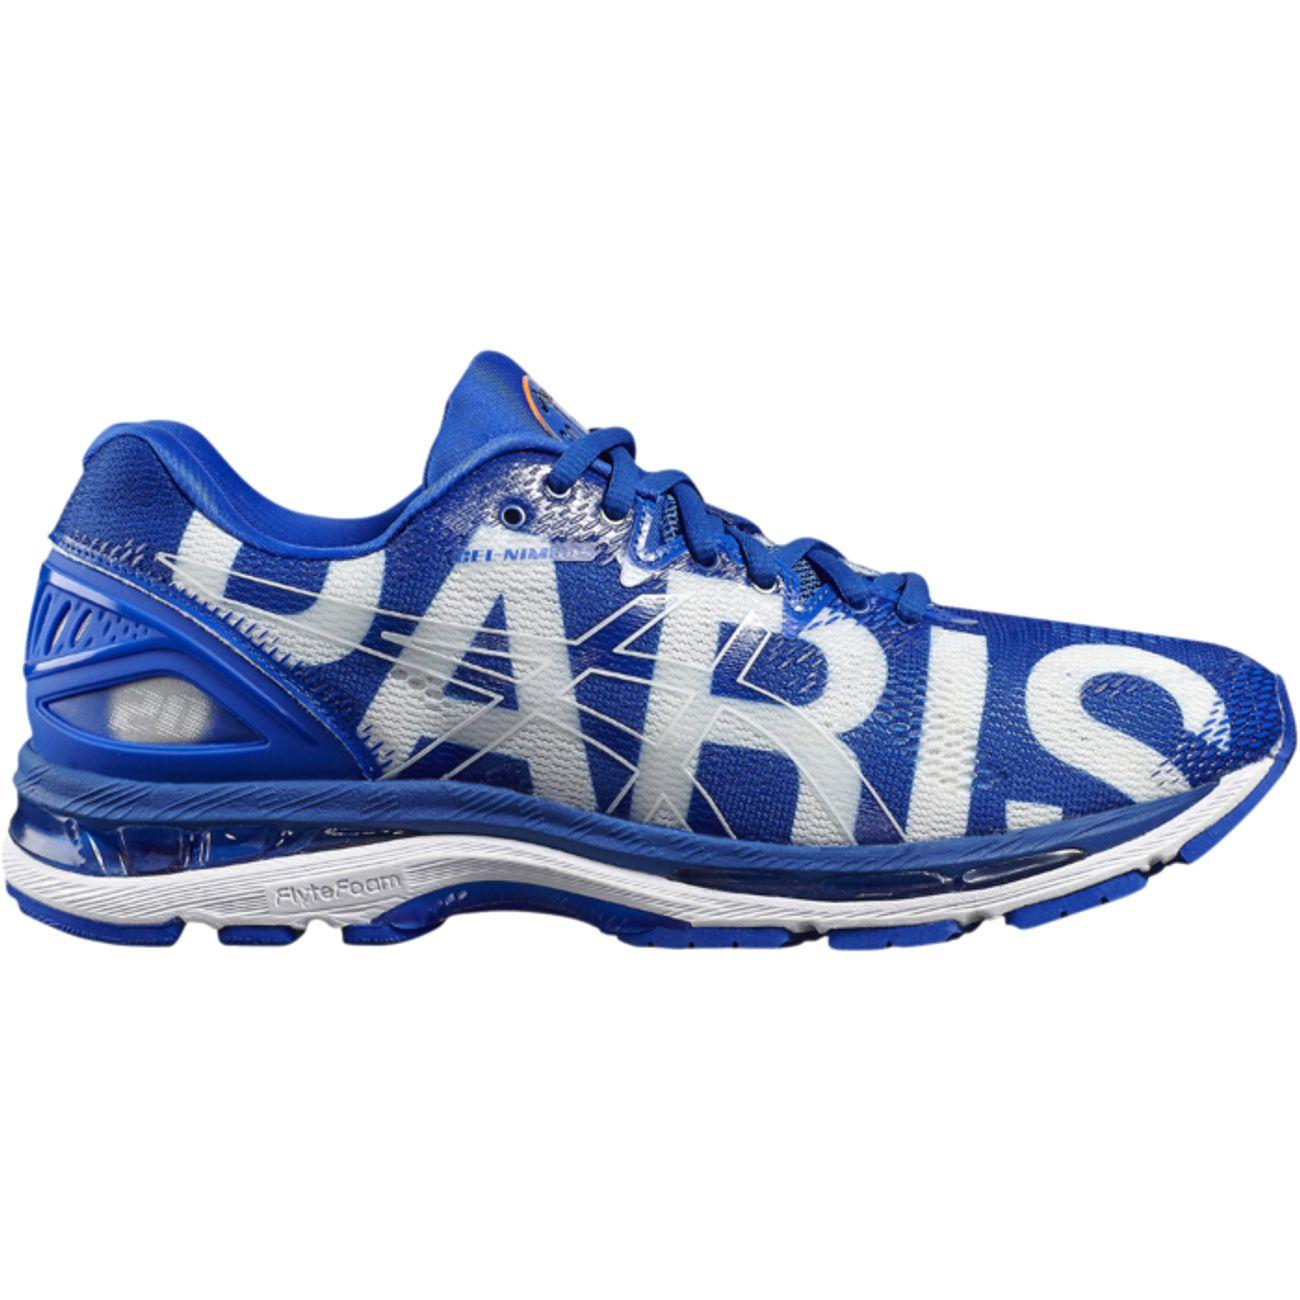 CHAUSSURES BASSES running homme ASICS BTE GEL-NIMBUS PARIS MARATH M